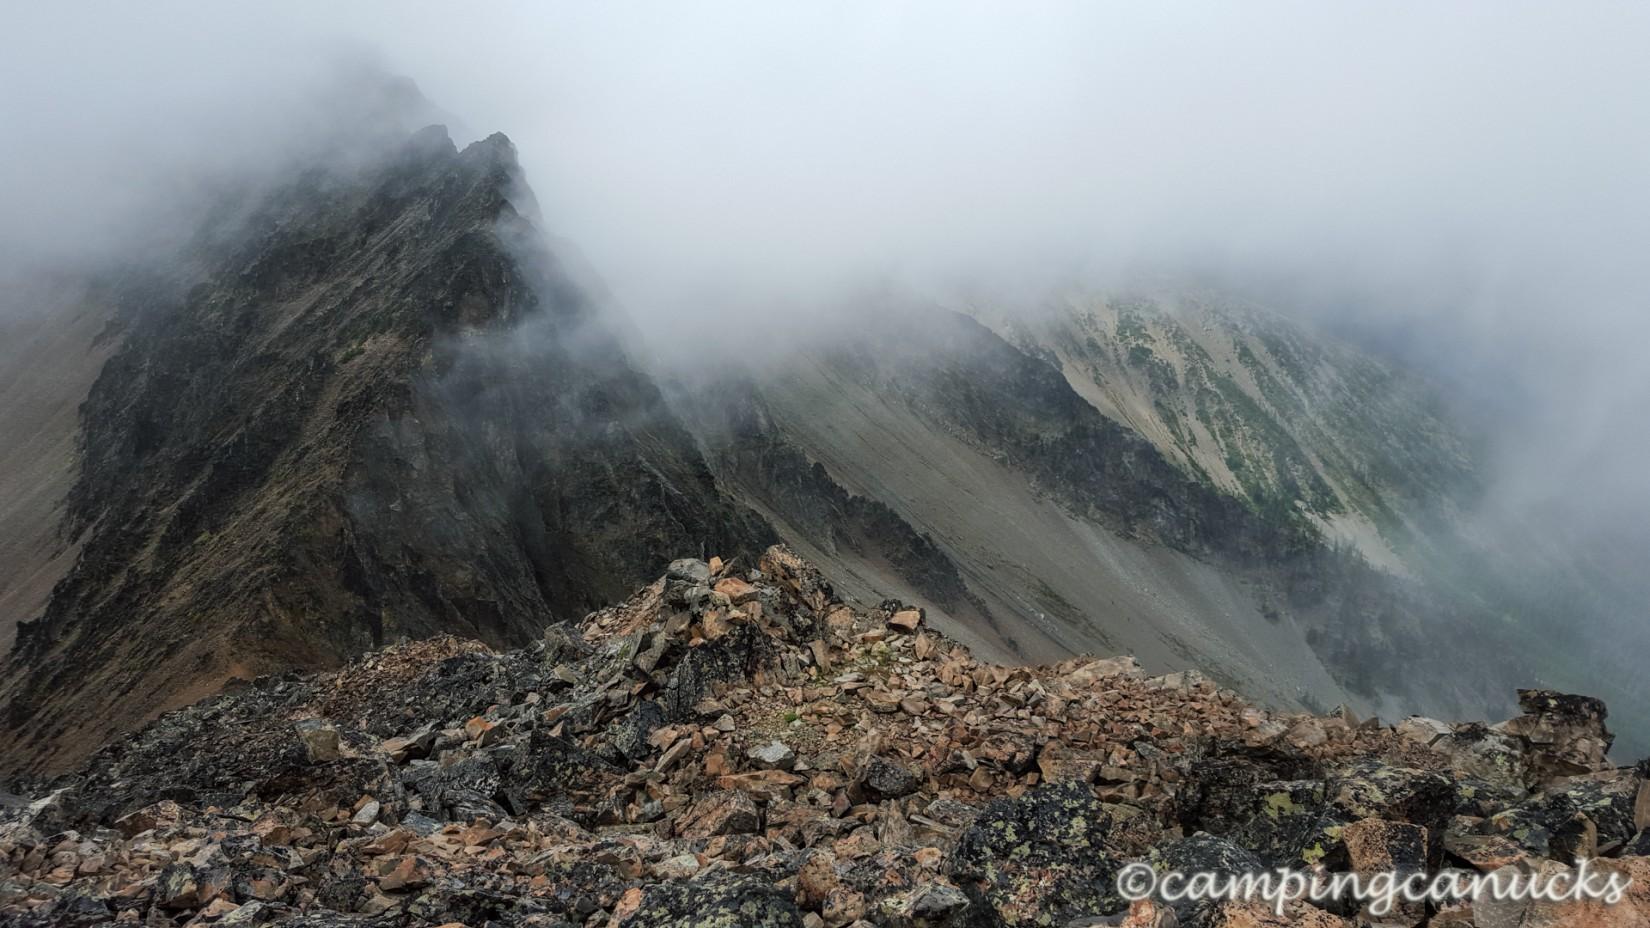 A cloudy peak